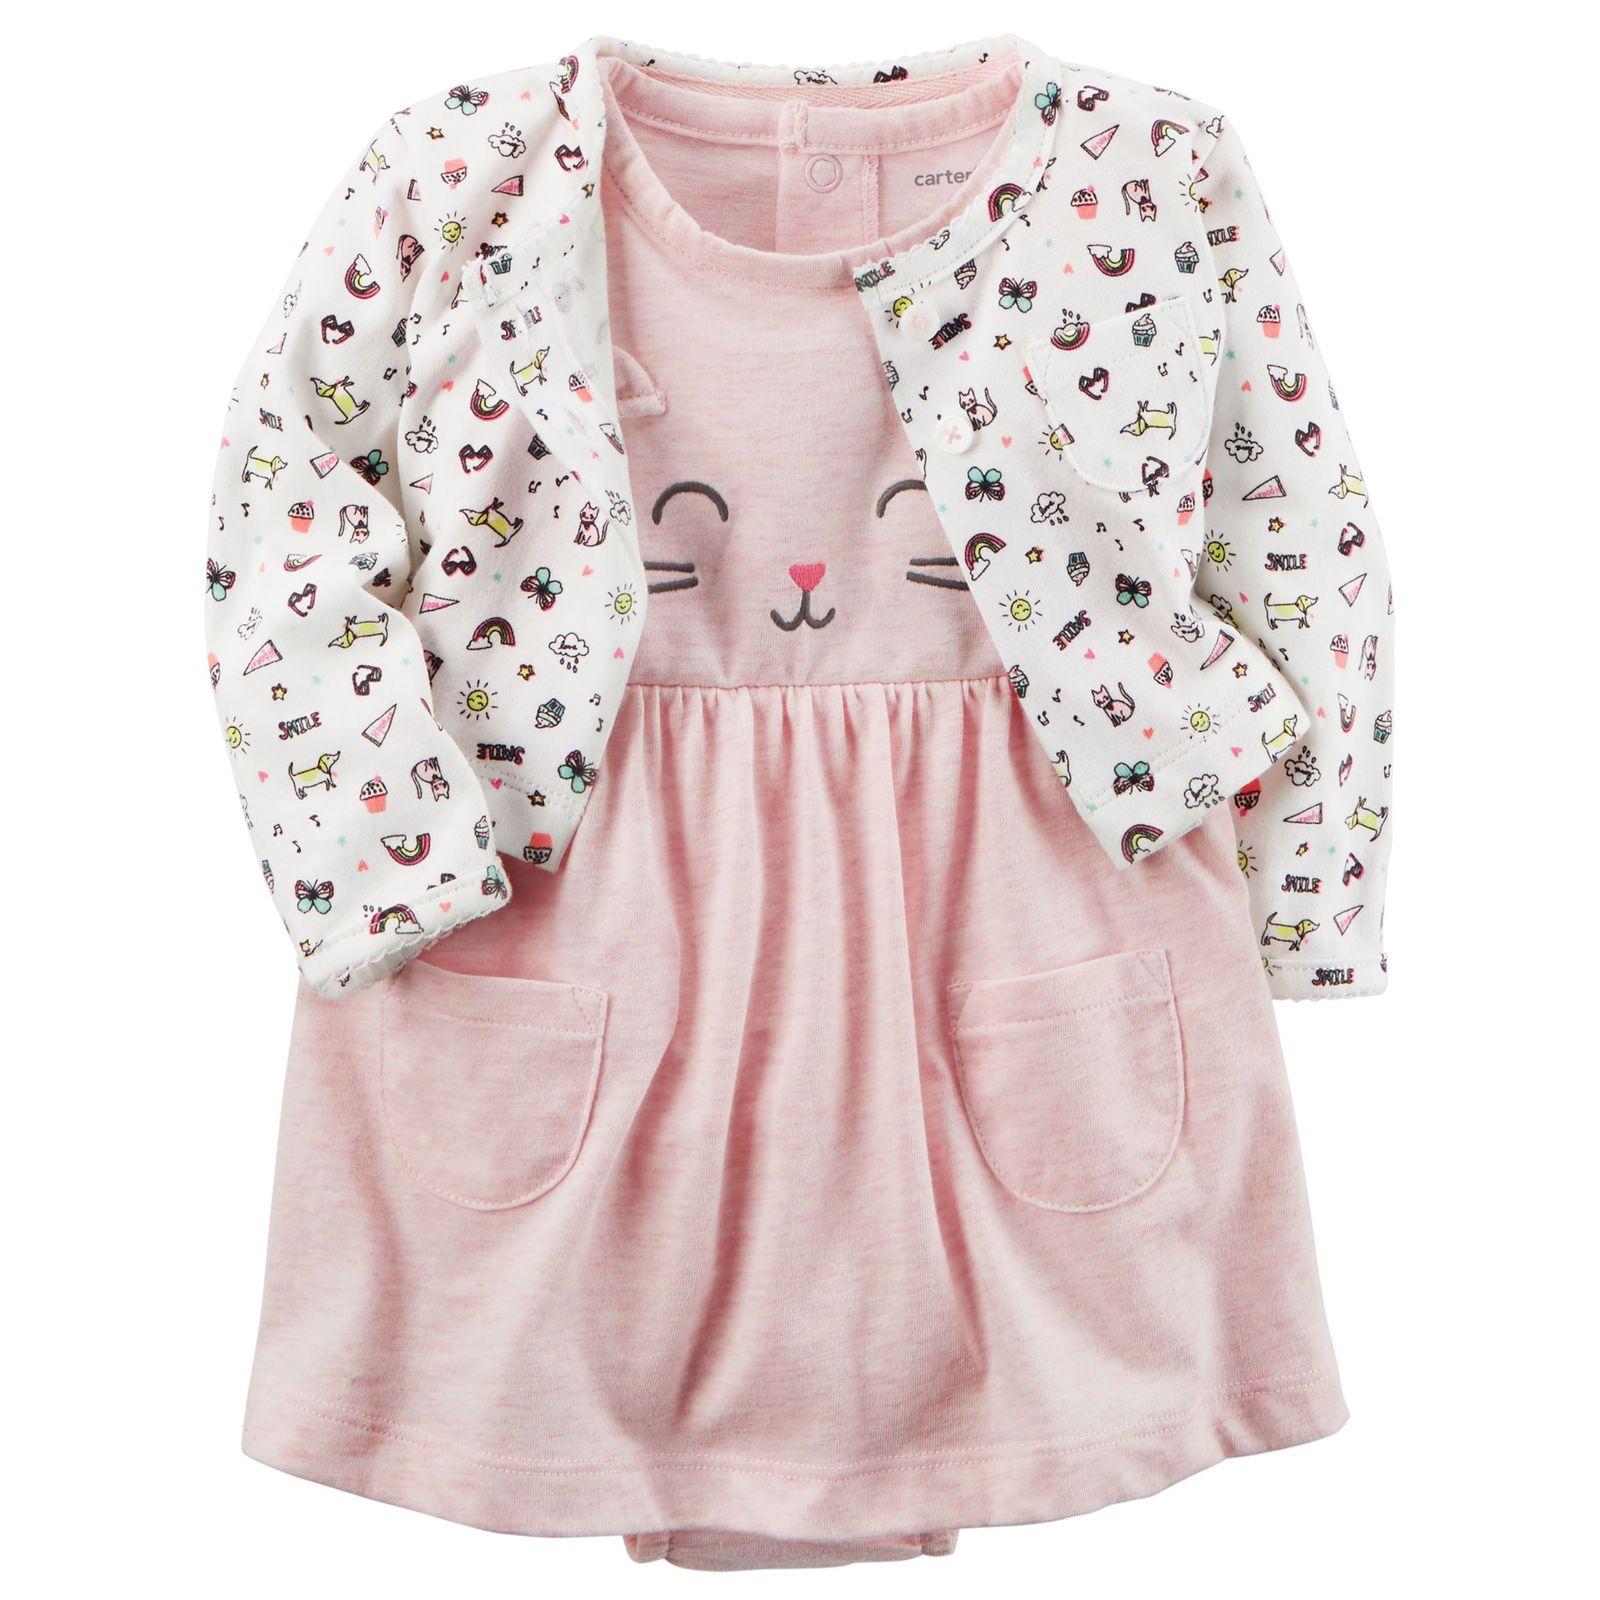 ست کت و پیراهن نوزادی دخترانه کارترز طرح گربه کد M437 -  - 3